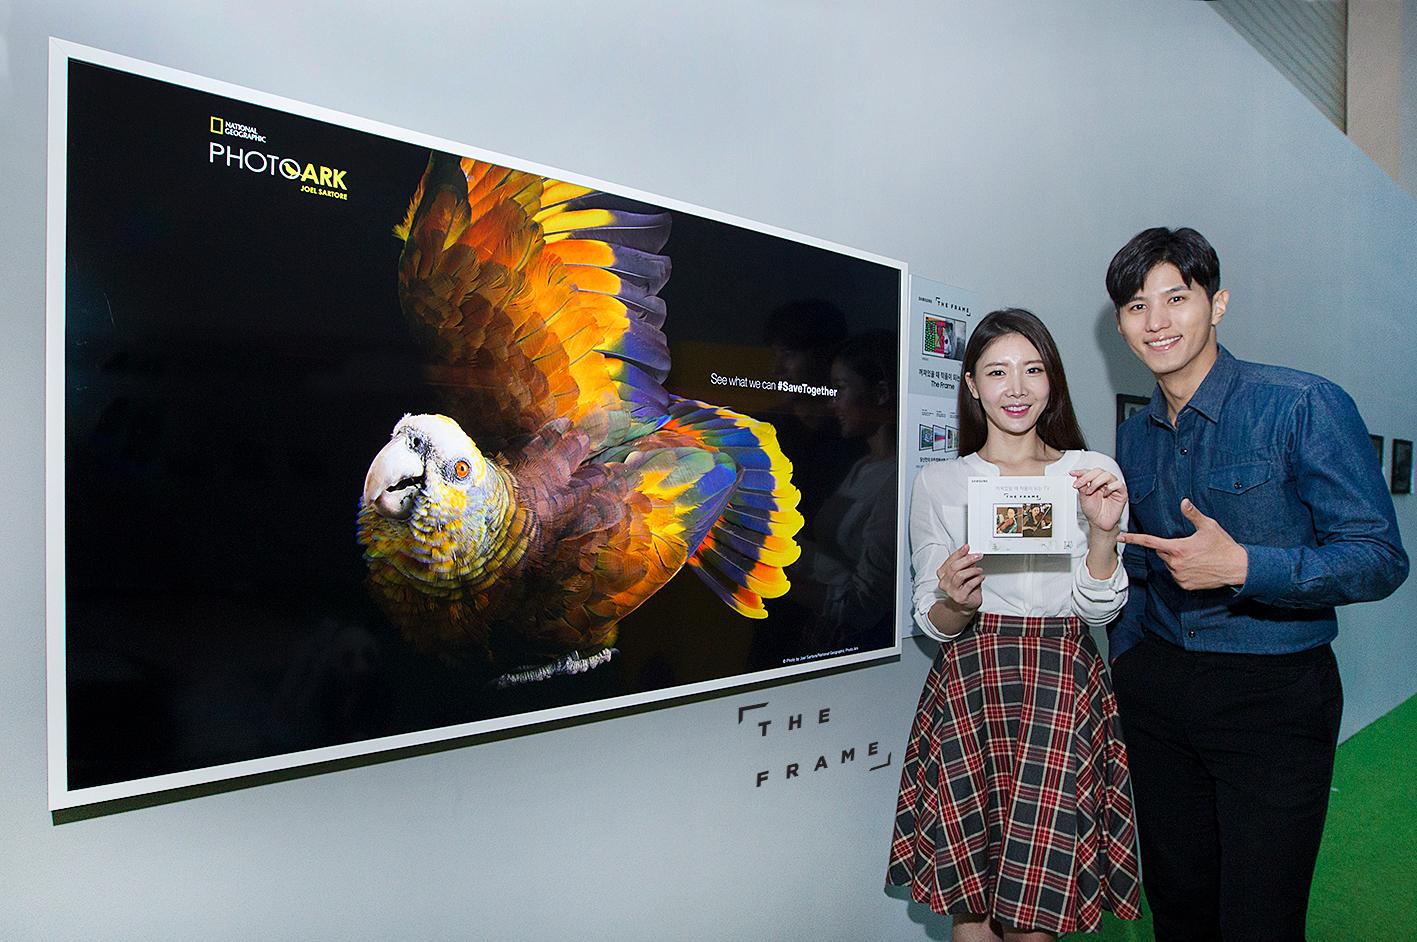 삼성전자 모델들이 서울 용산 전쟁기념관에서 열리는 내셔널지오그래픽 특별전에서 멸종 위기 동물인 '무지개아마존앵무' 사진을 삼성 라이프스타일TV '더 프레임'을 통해 감상하고 있다.